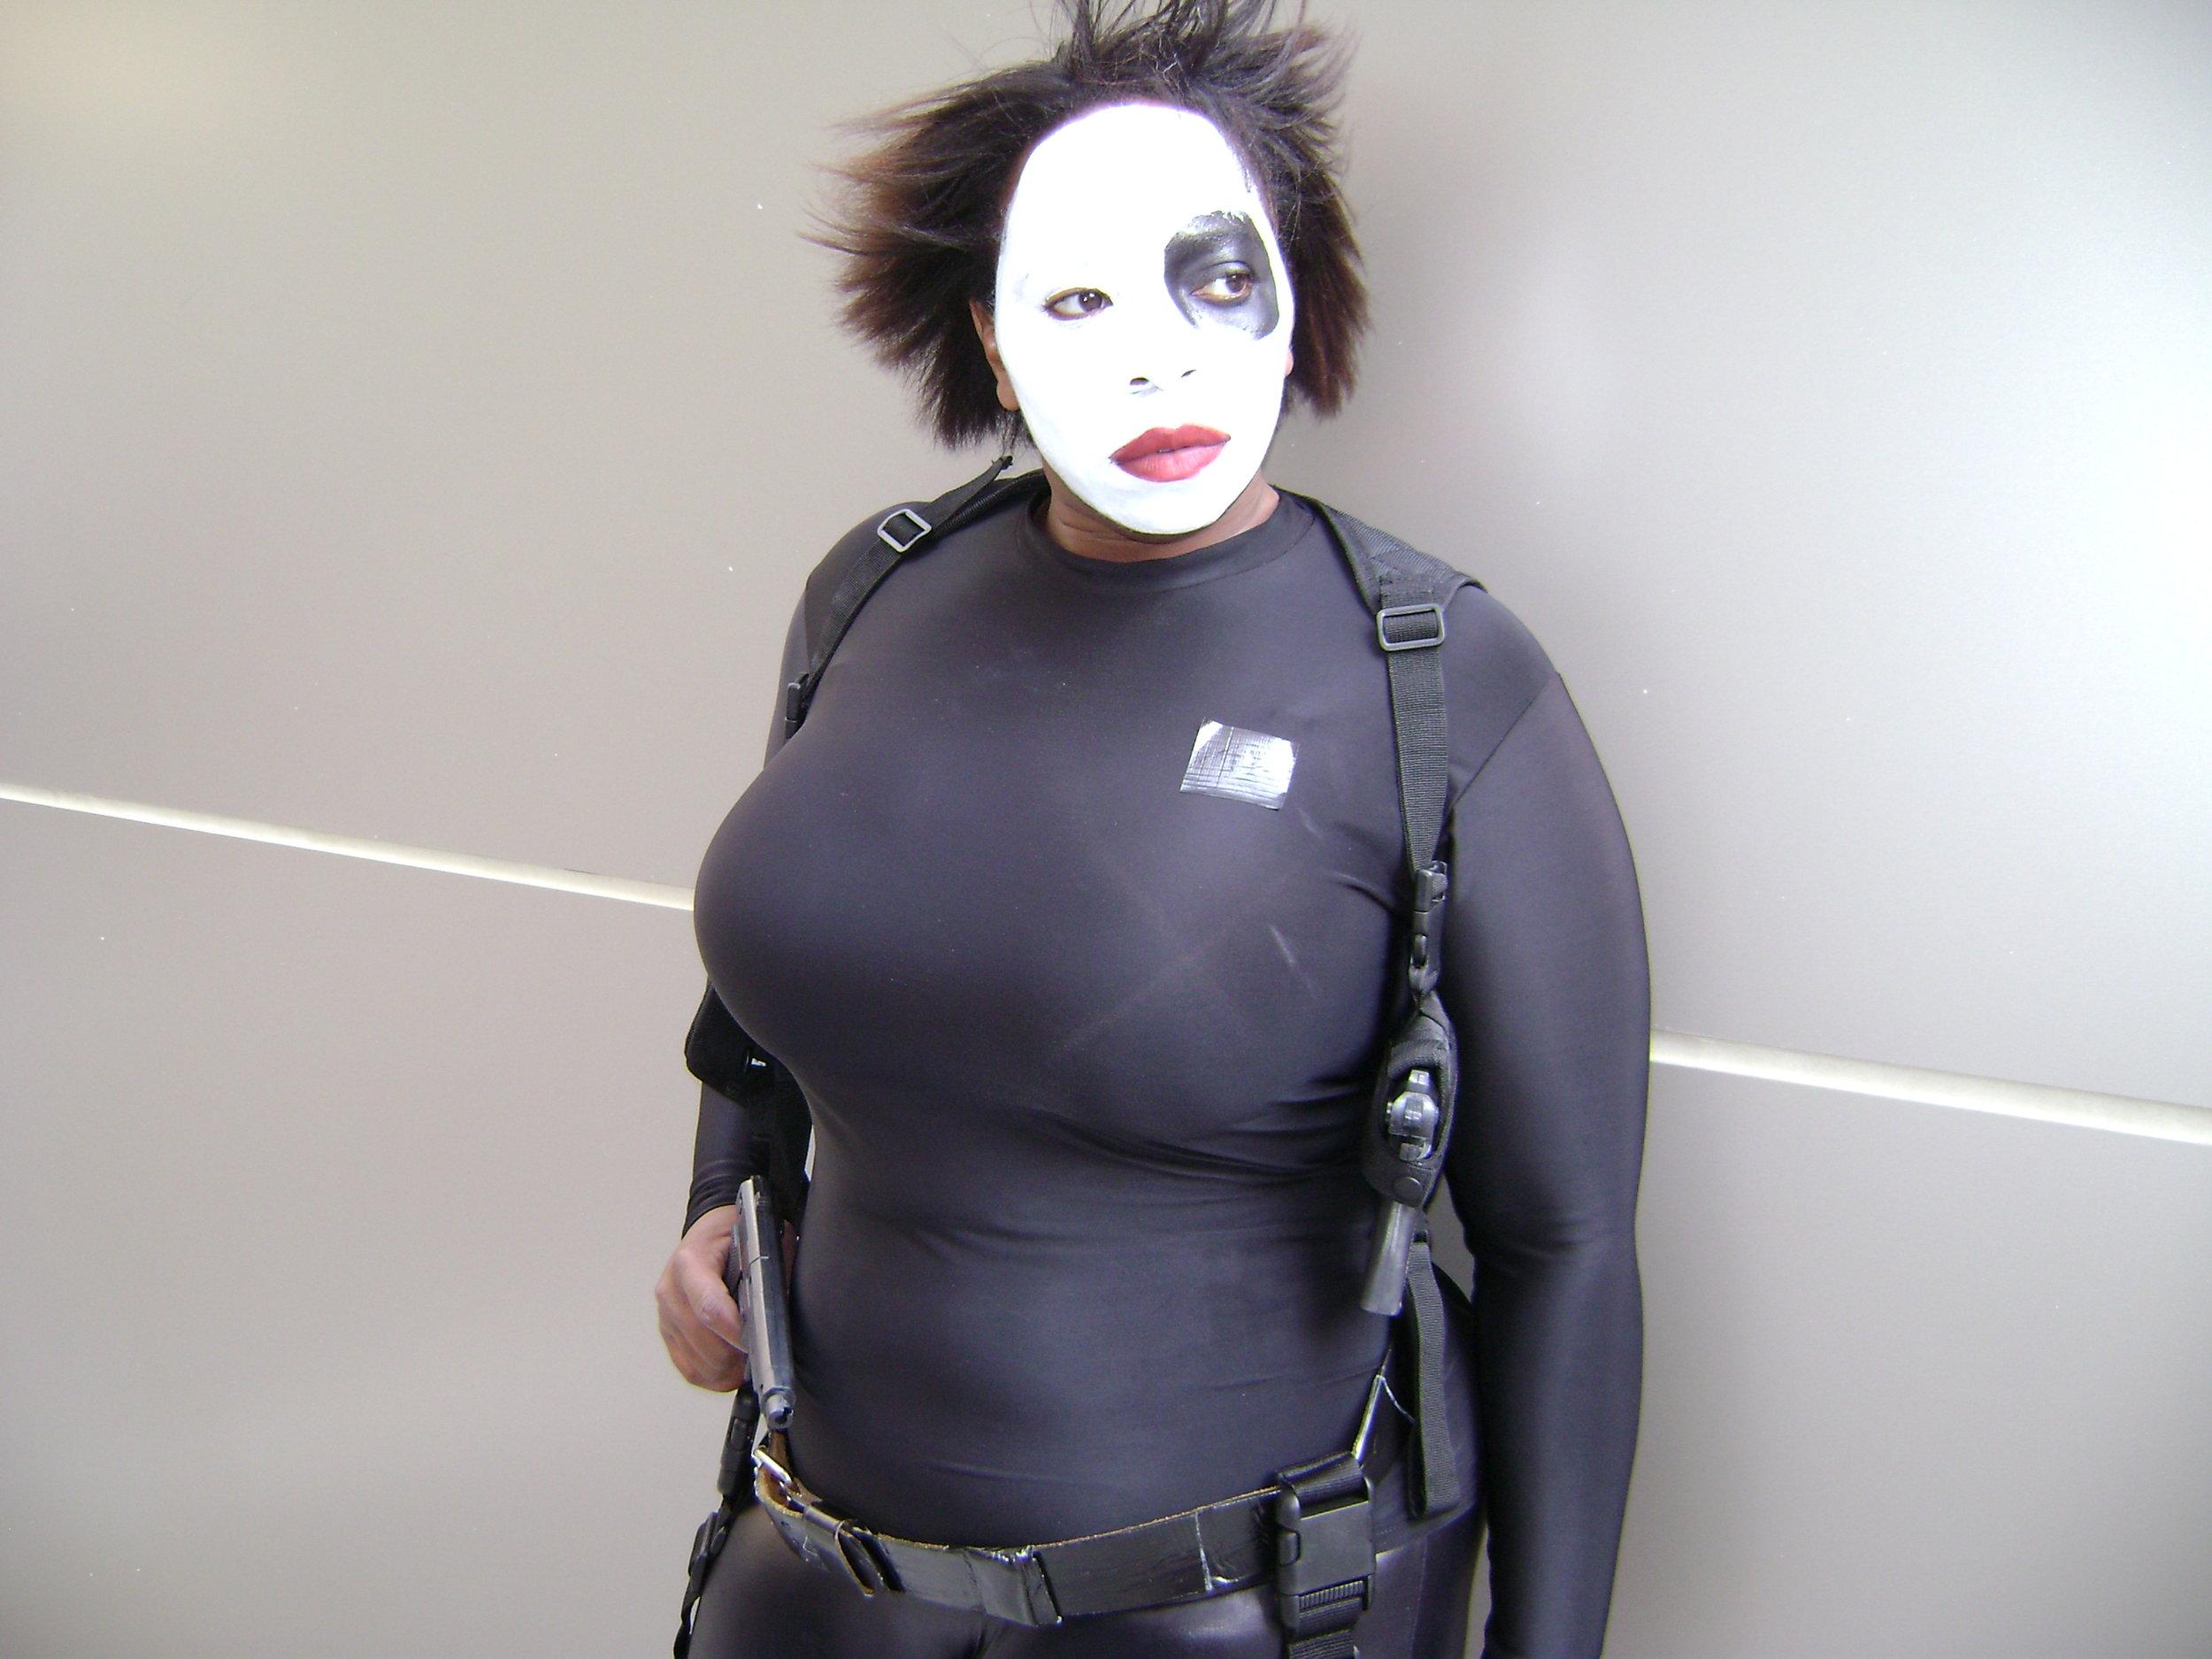 TaLynn Kel in Domino cosplay, 2007